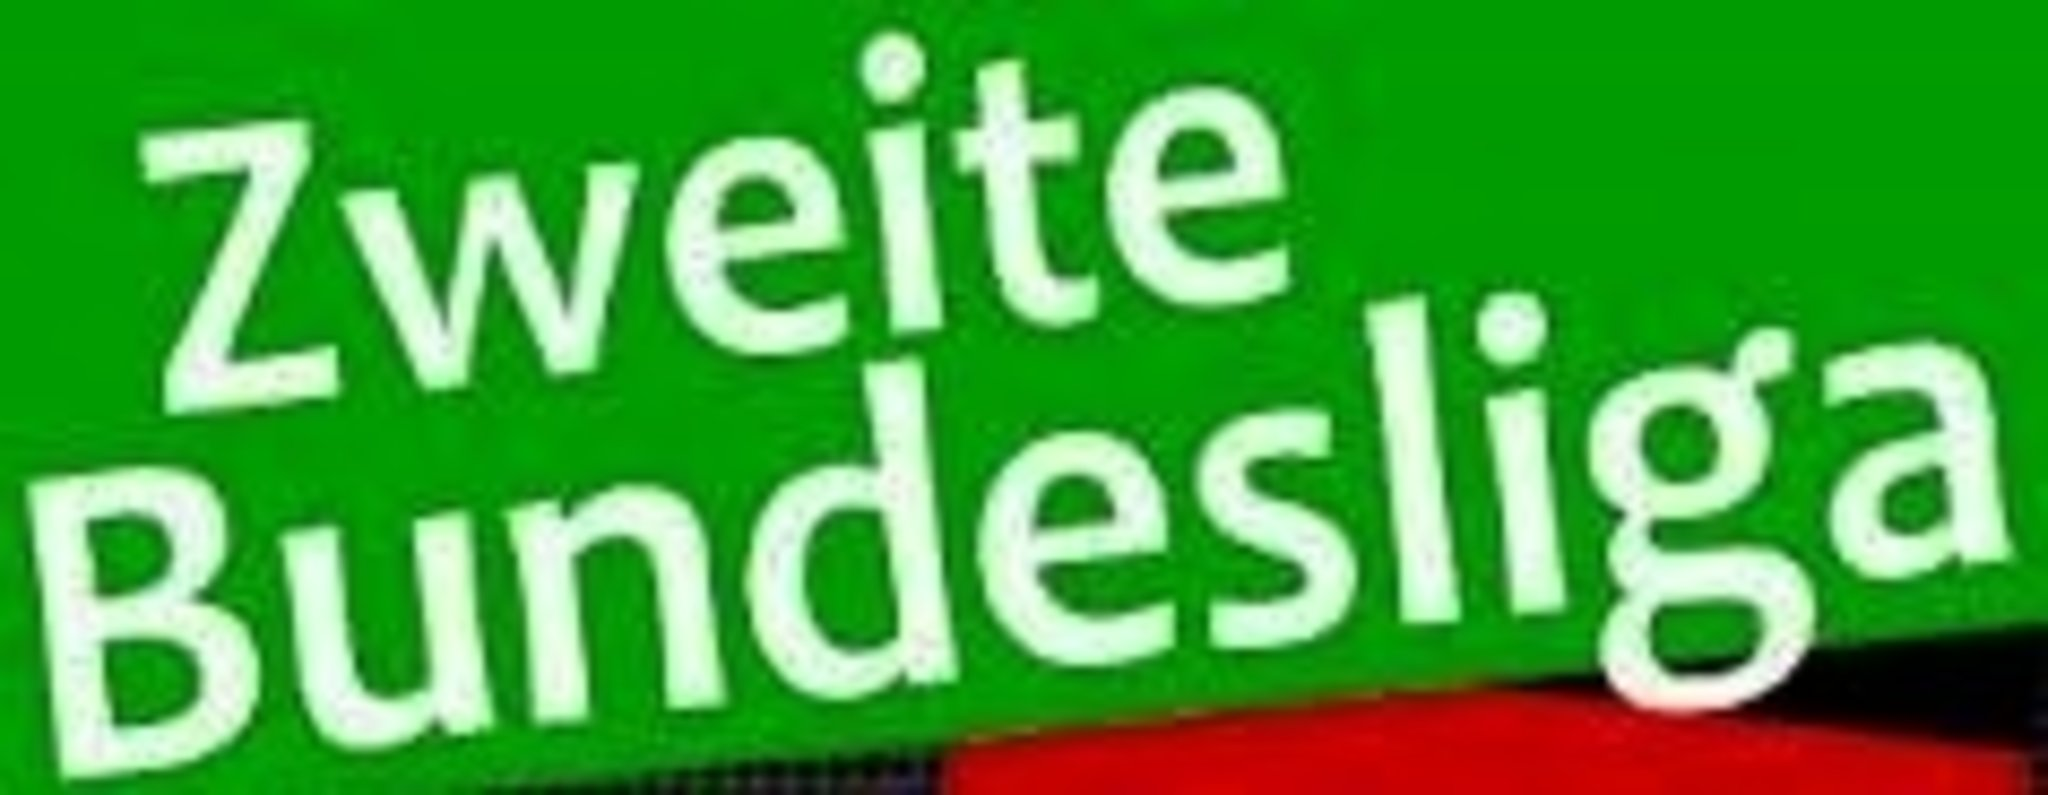 Tippspiel 1spieltag Der 2 Bundesliga Freitag 28 Juli Bis Montag